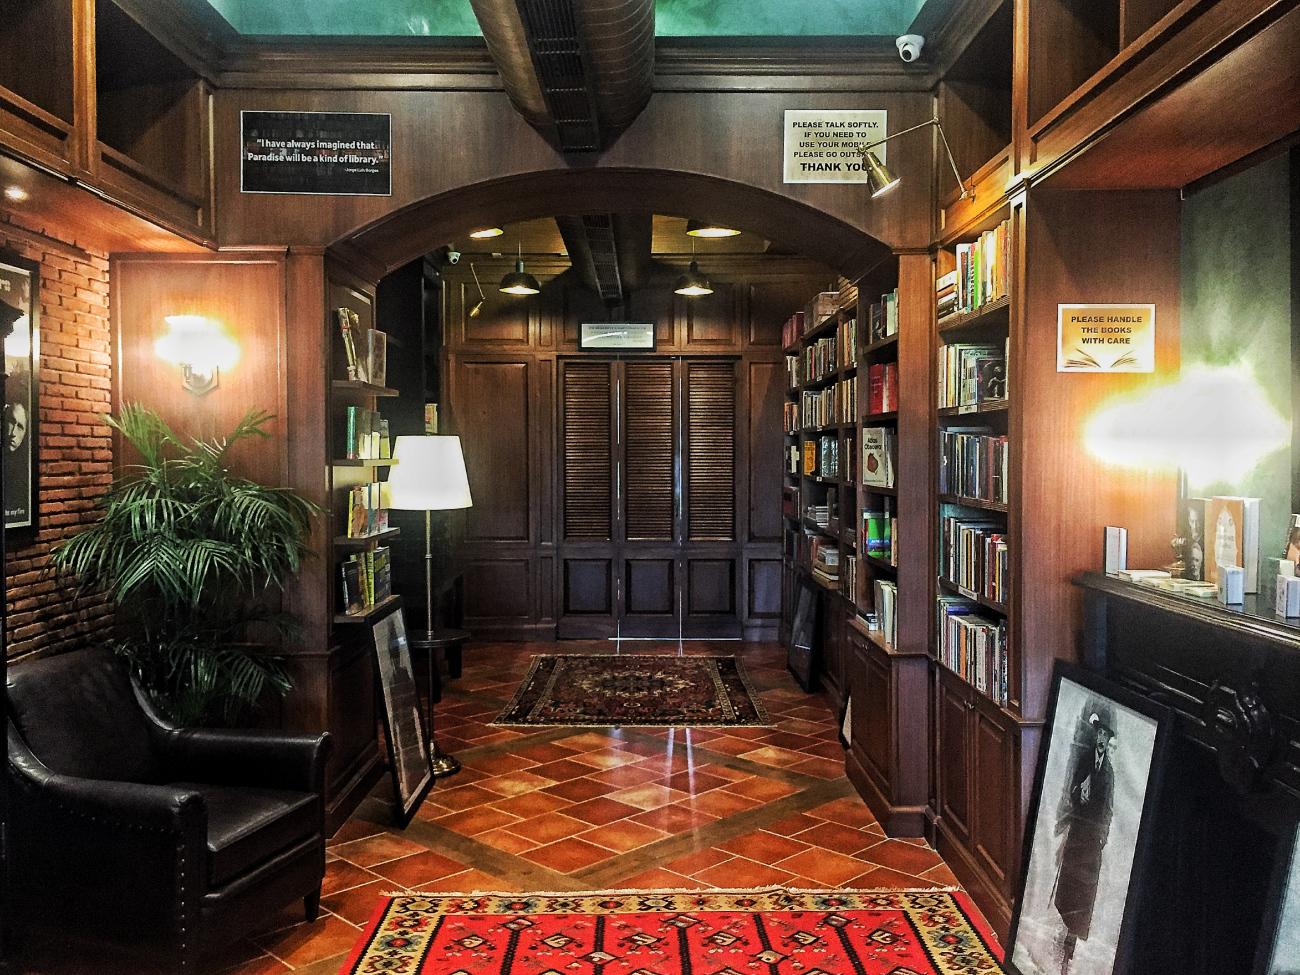 bookstore-hardbound-first edition